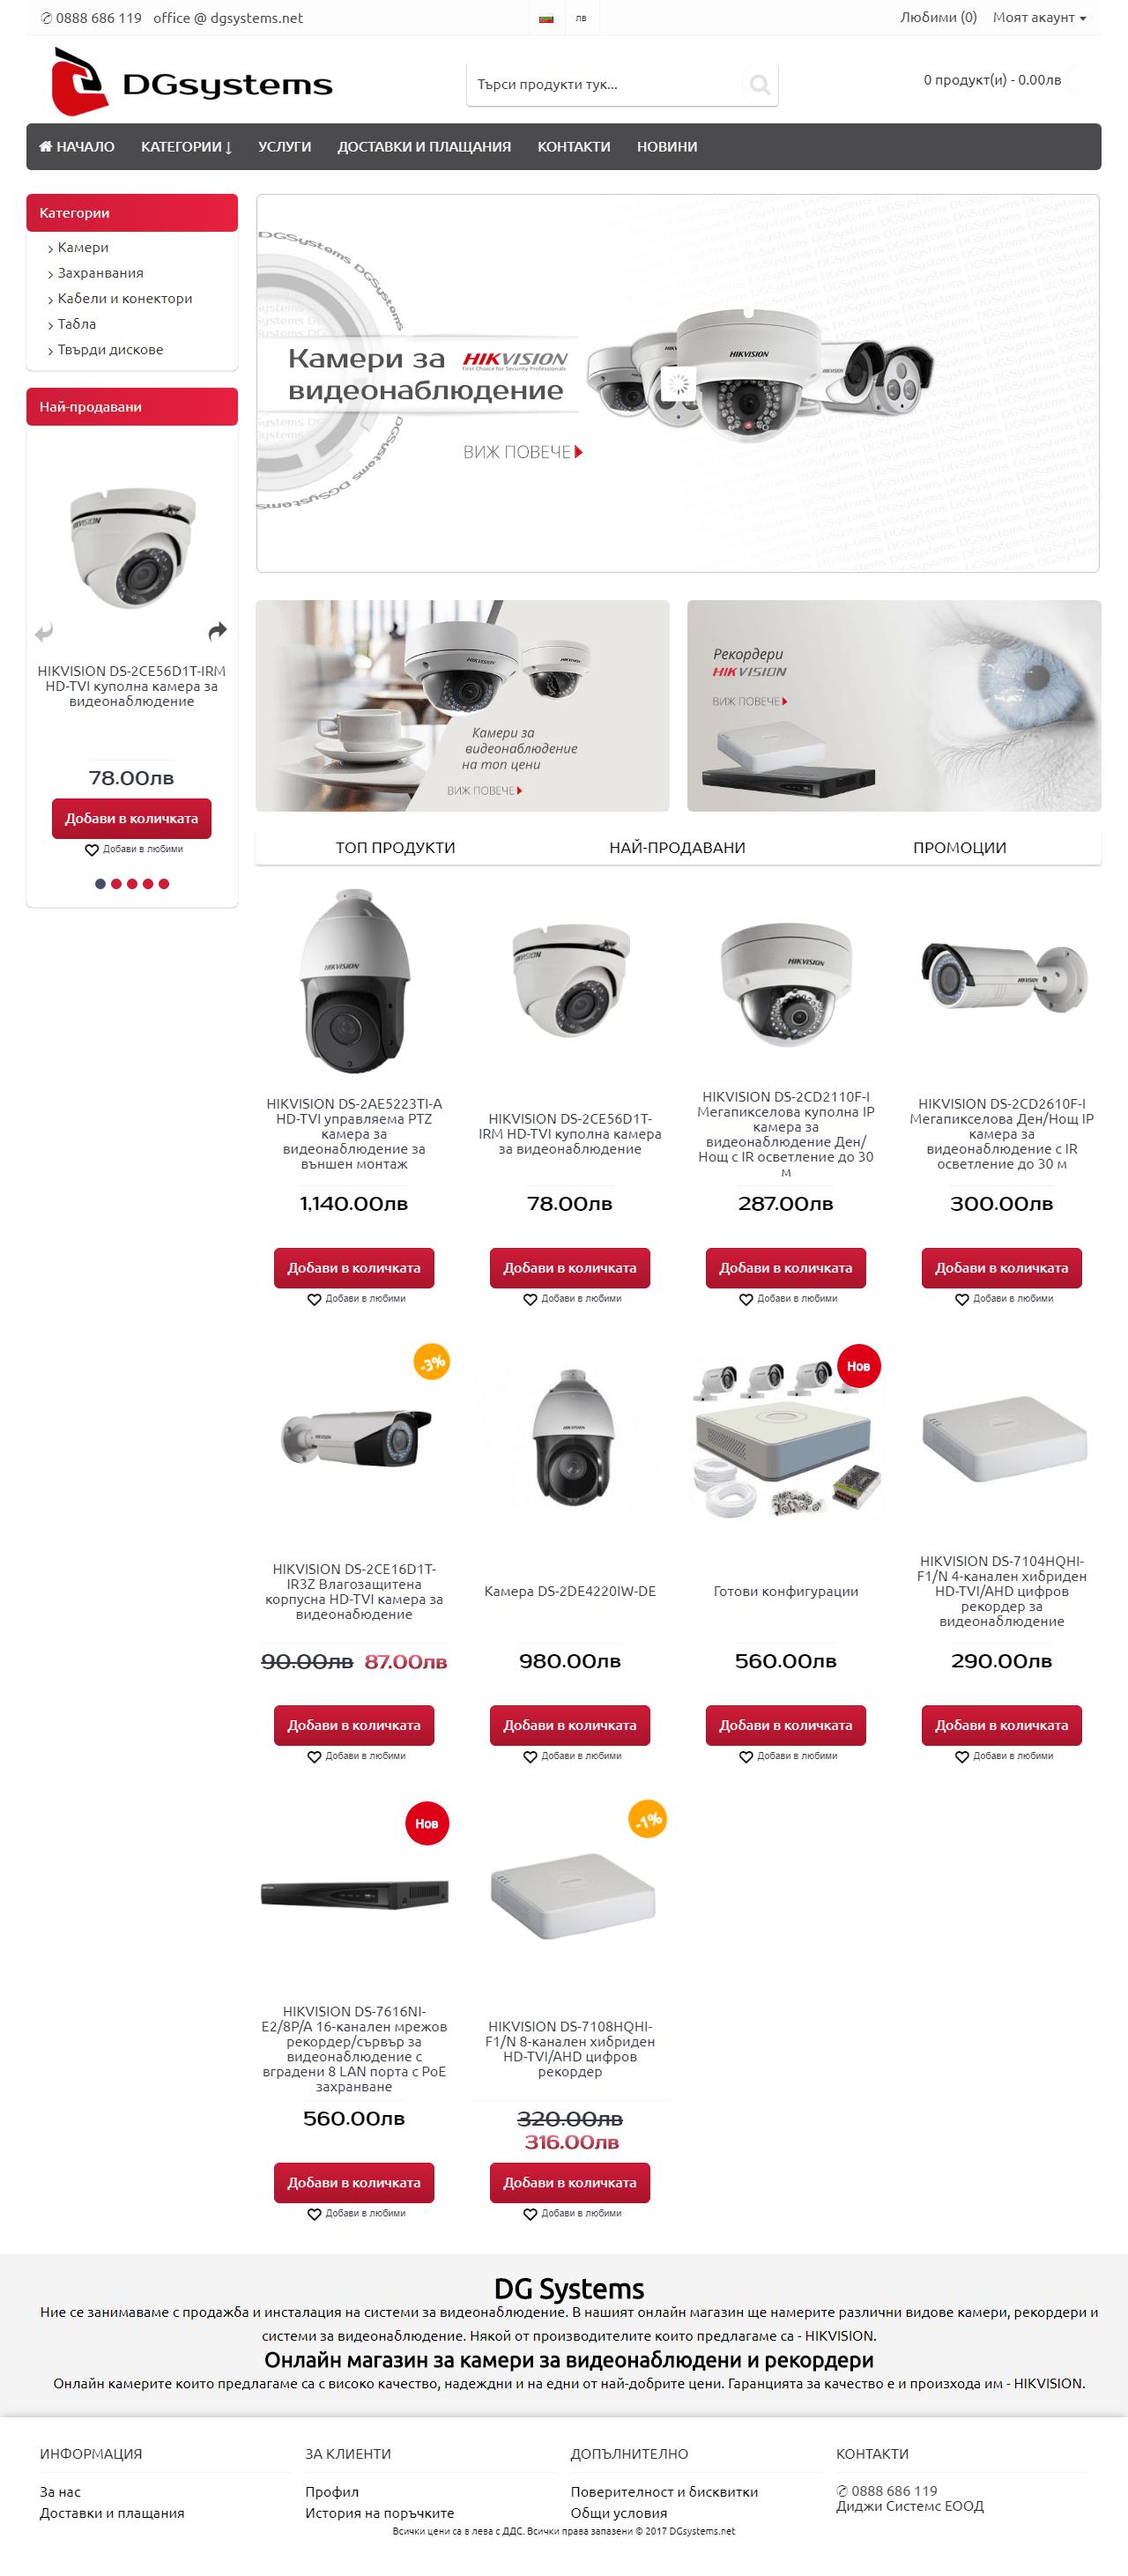 DG systems - системи за видеонаблюдение - онлайн магазин